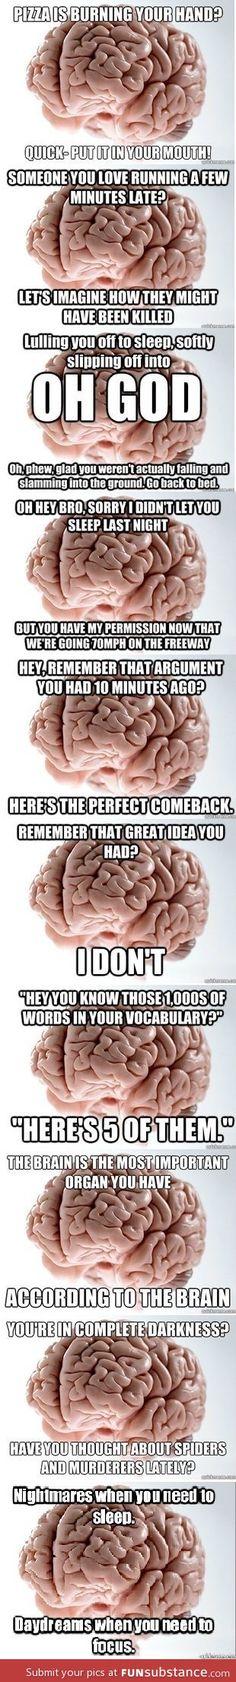 The mind is sooo brilliant... isn't it?